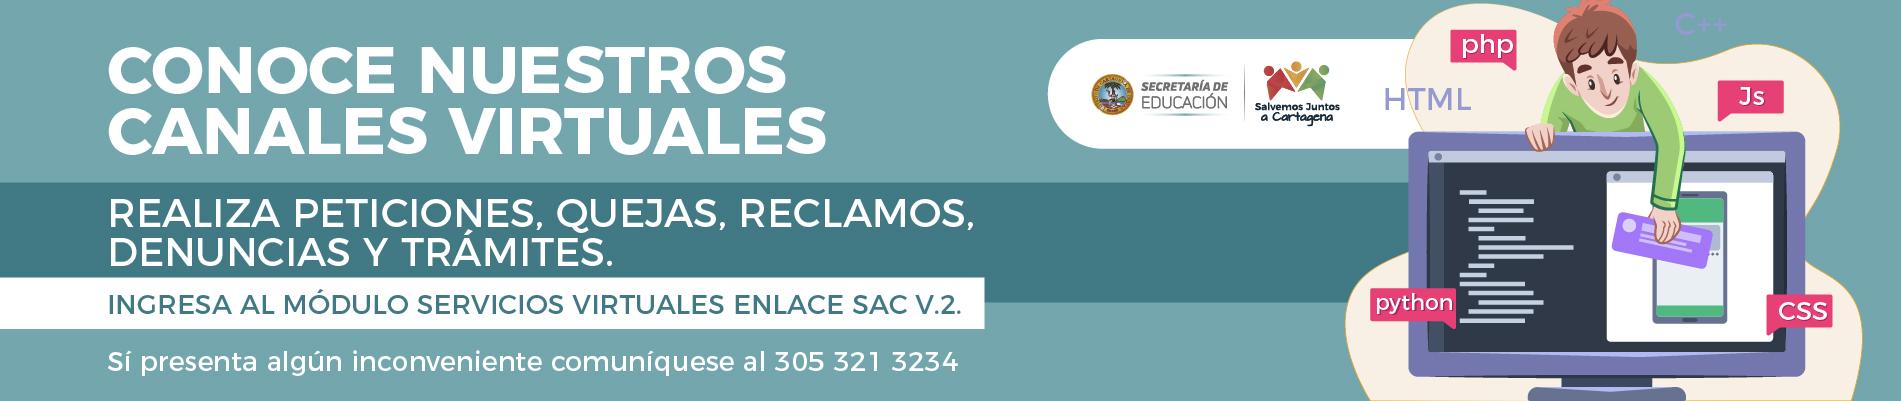 Banner-de-Canales-Virtuales-18